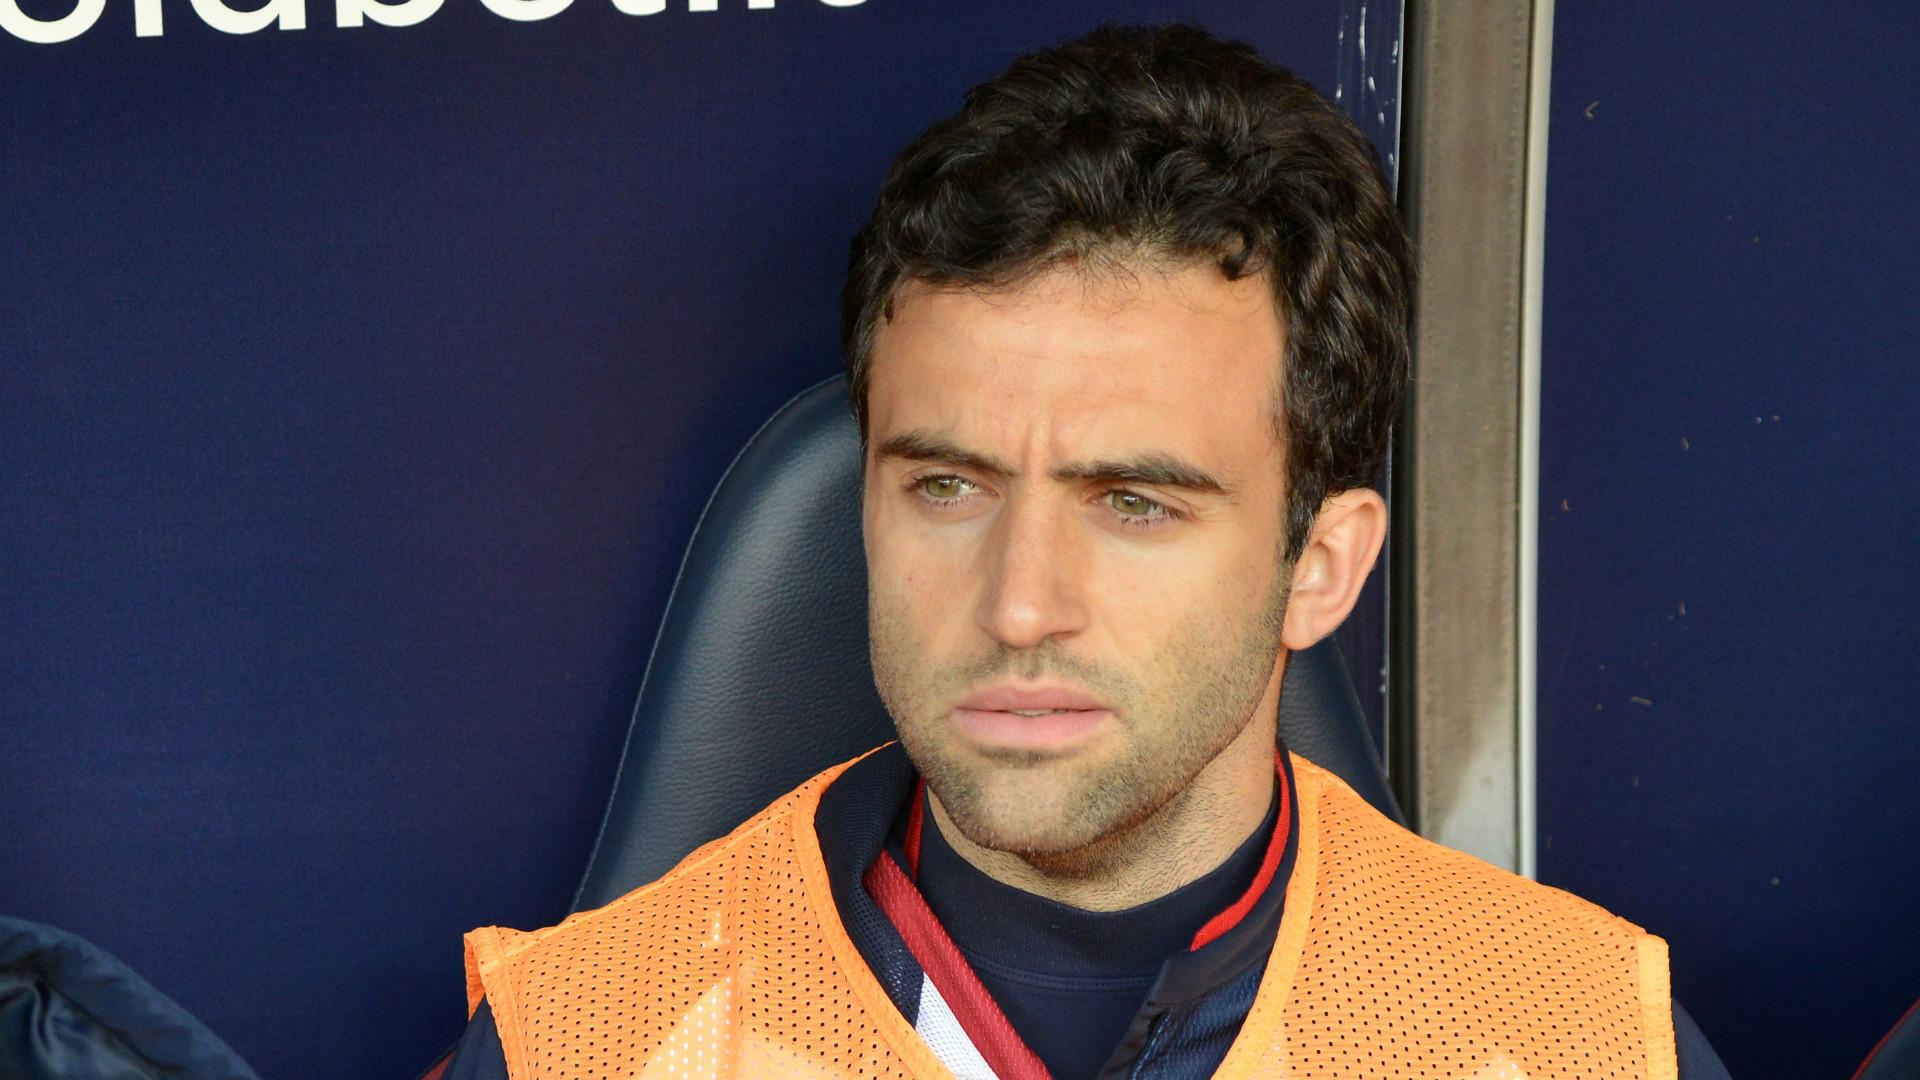 INFERMERIA | Genoa, esami strumentali per Giuseppe Rossi: out almeno 10 giorni!